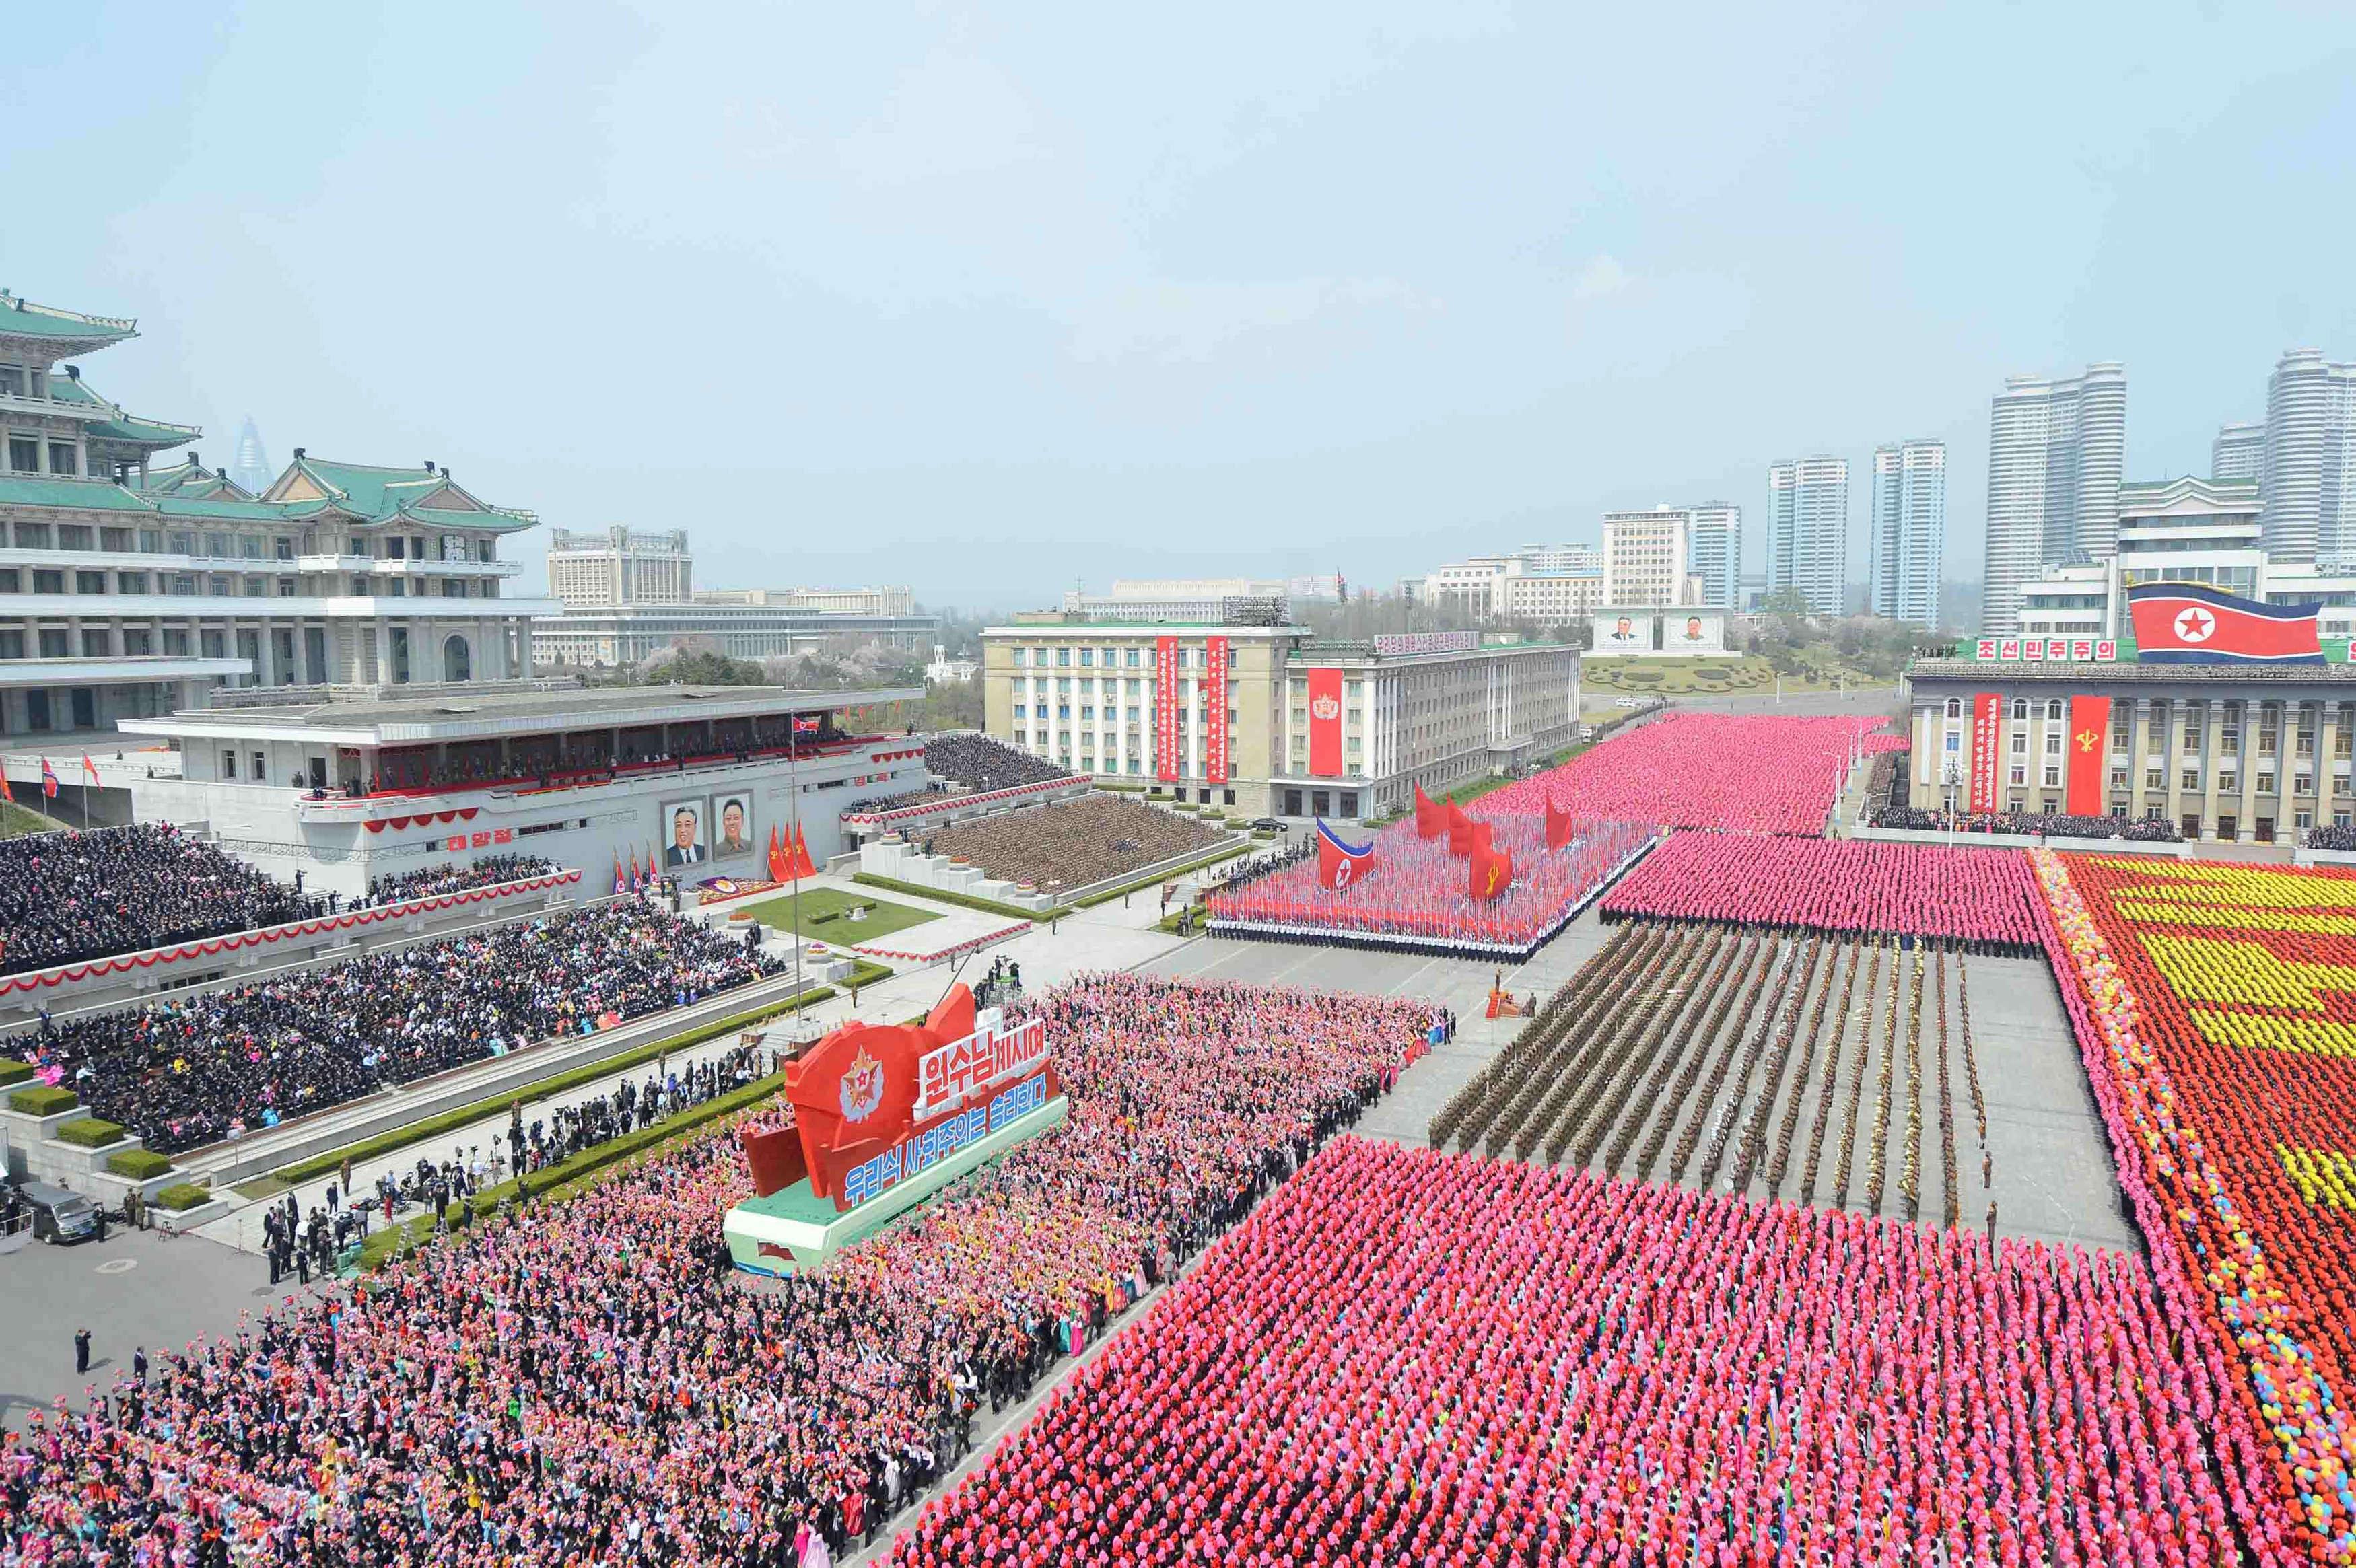 Samedi 15 avril, des dizaines de milliers de soldats des armées de terre, de l'air et de la marine, ont défilé au pas de l'oie devant le dirigeant du régime nord-coréen, Kim Jong-un.